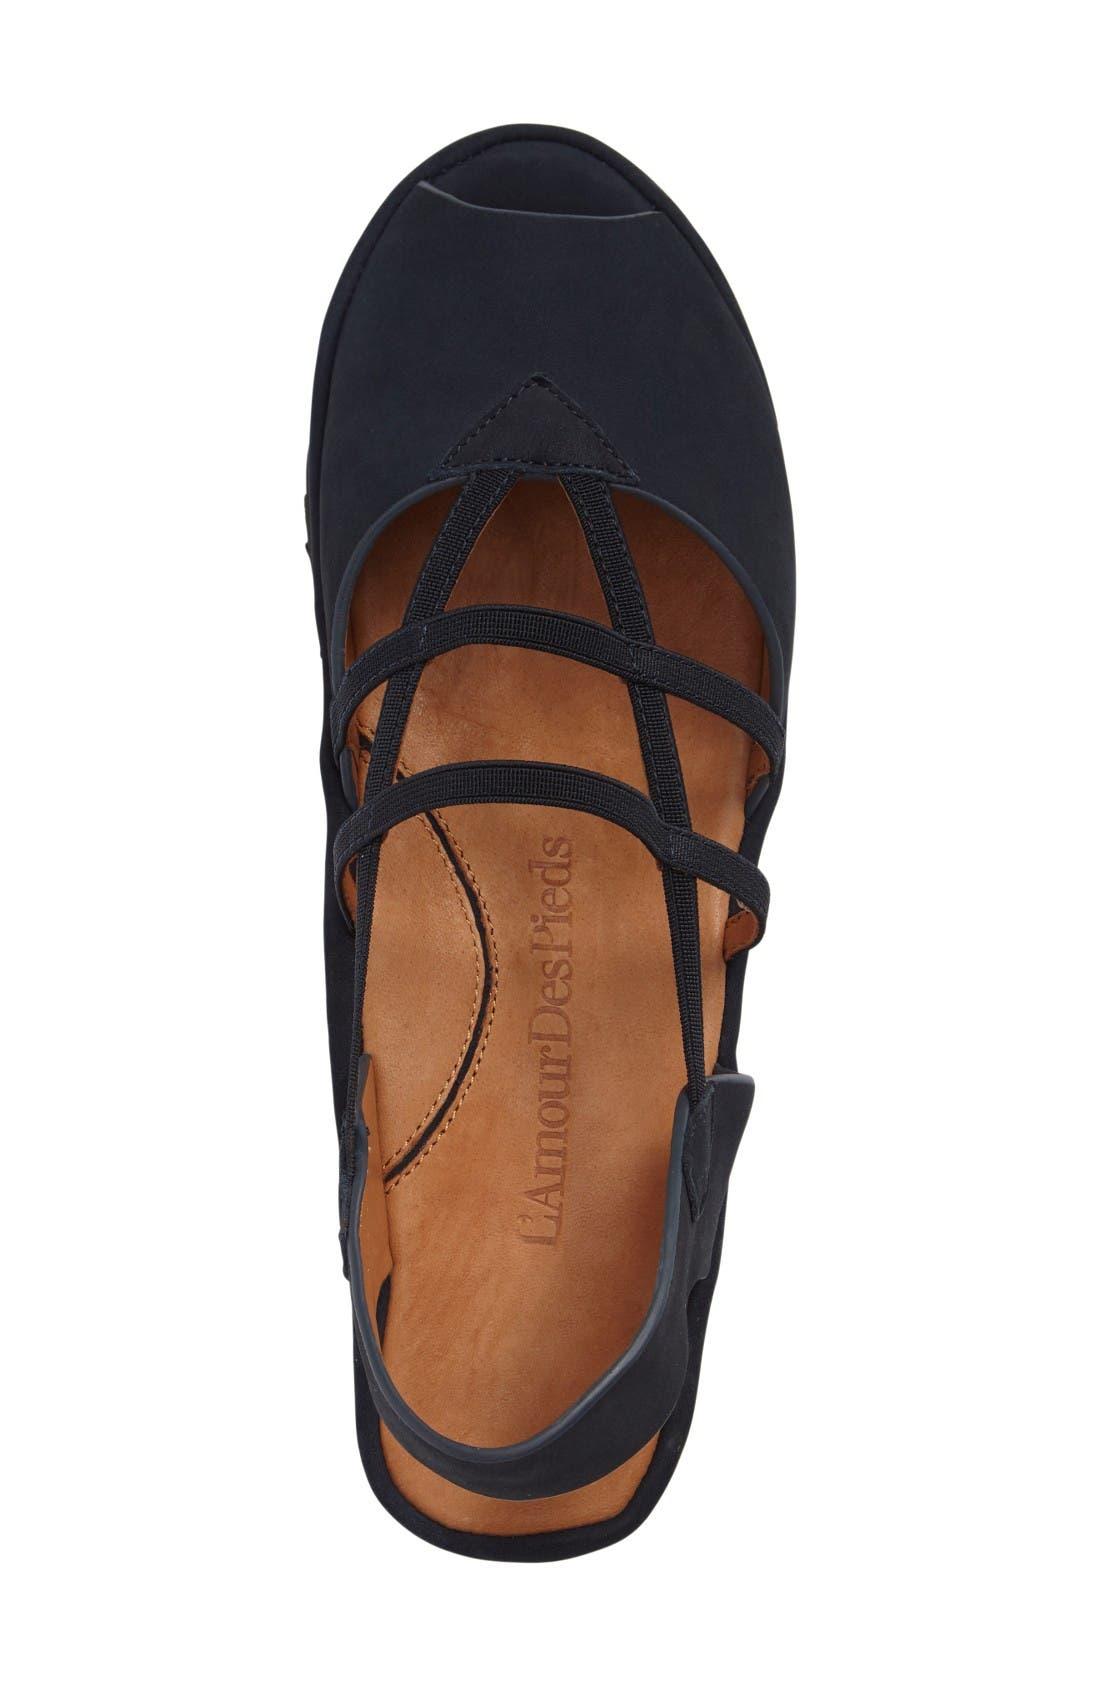 Alternate Image 3  - L'Amour des Pieds Adelais Platform Wedge Sandal (Women)